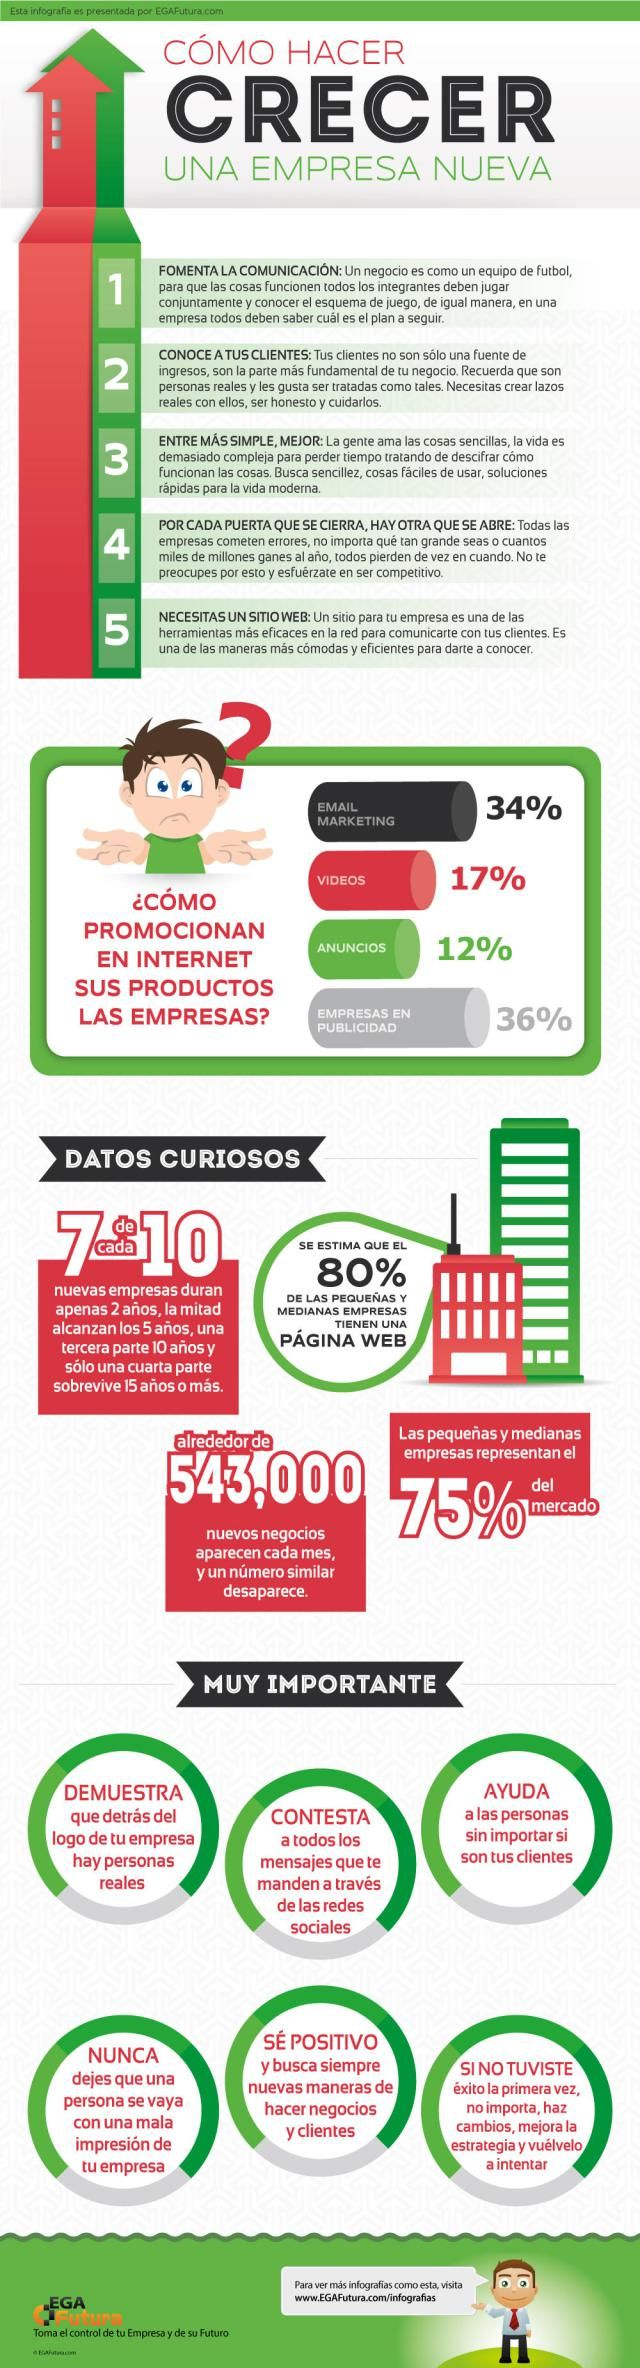 Cómo hacer crecer una empresa nueva #infografia #infographic #entrepreneurship